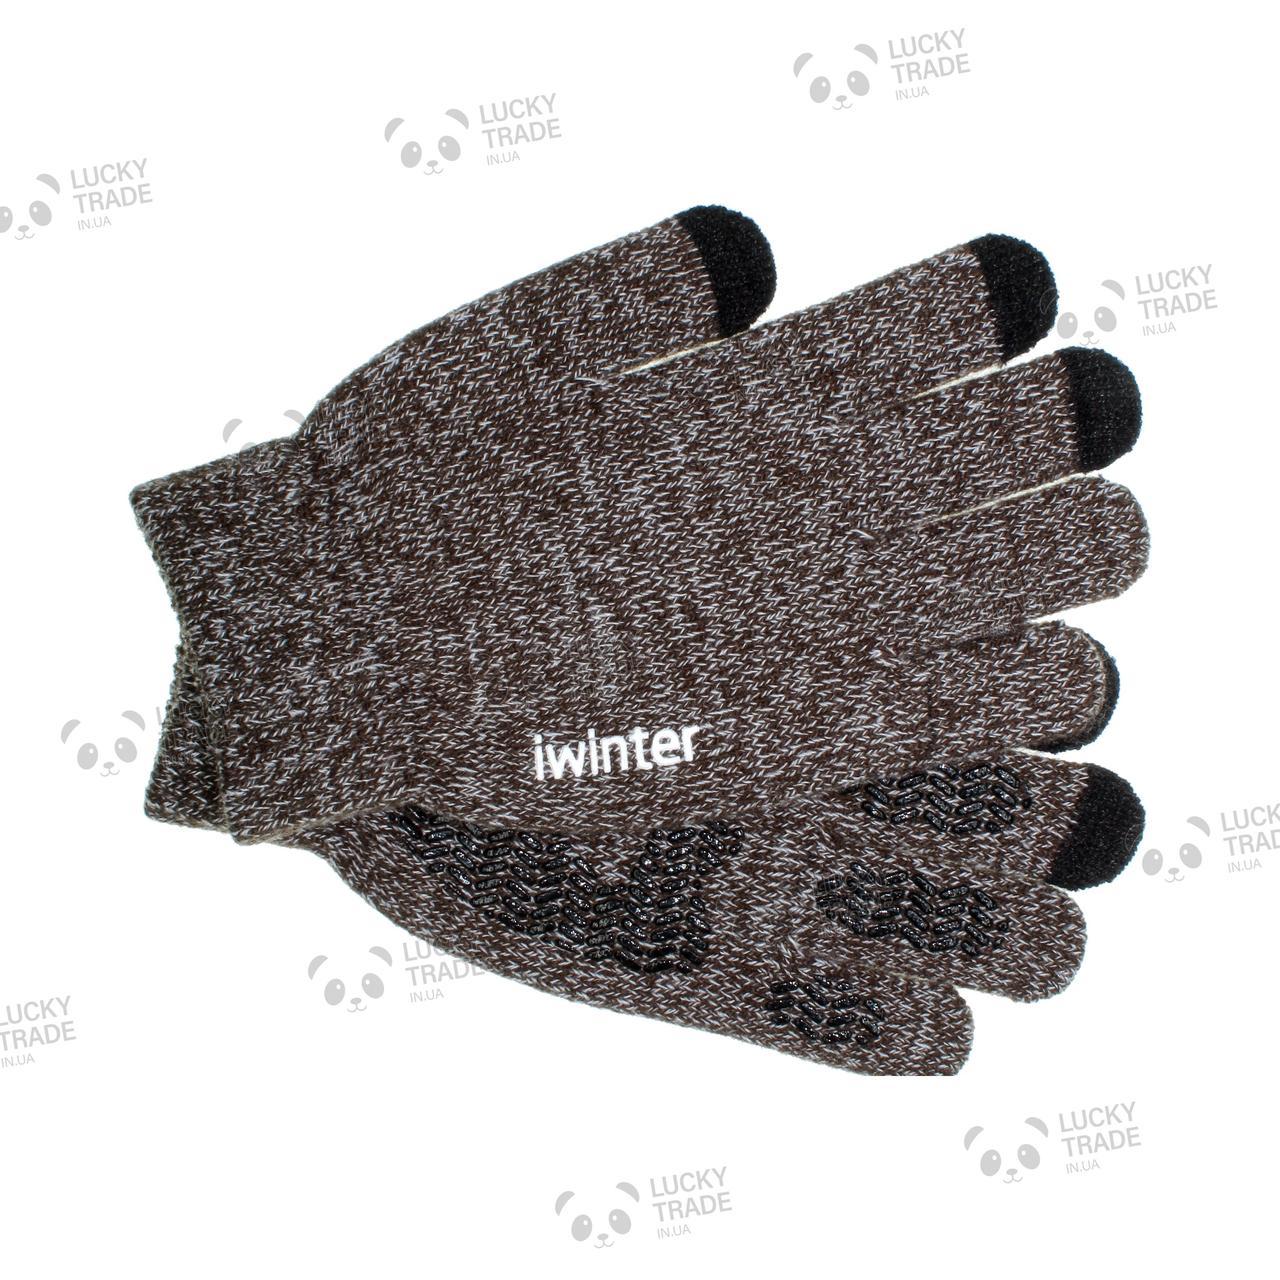 Зимние теплые перчатки iWinter для сенсорных экранов мужские женские Size М Коричневый / Белый (D-Z01) [1887]